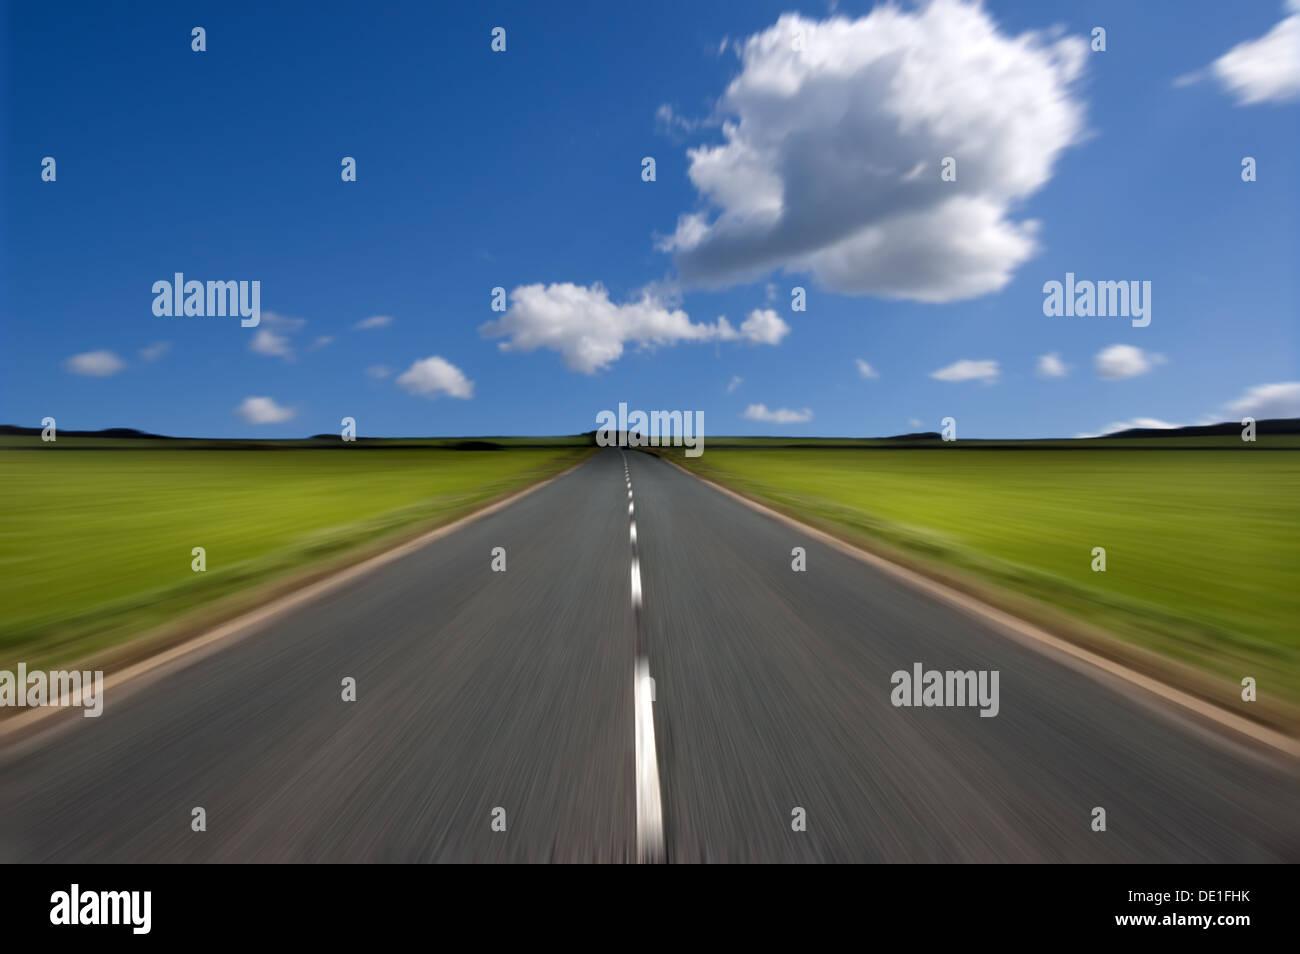 Chemin rural qui s'étend dans la distance avec le flou sous une grande étendue de ciel bleu. Banque D'Images